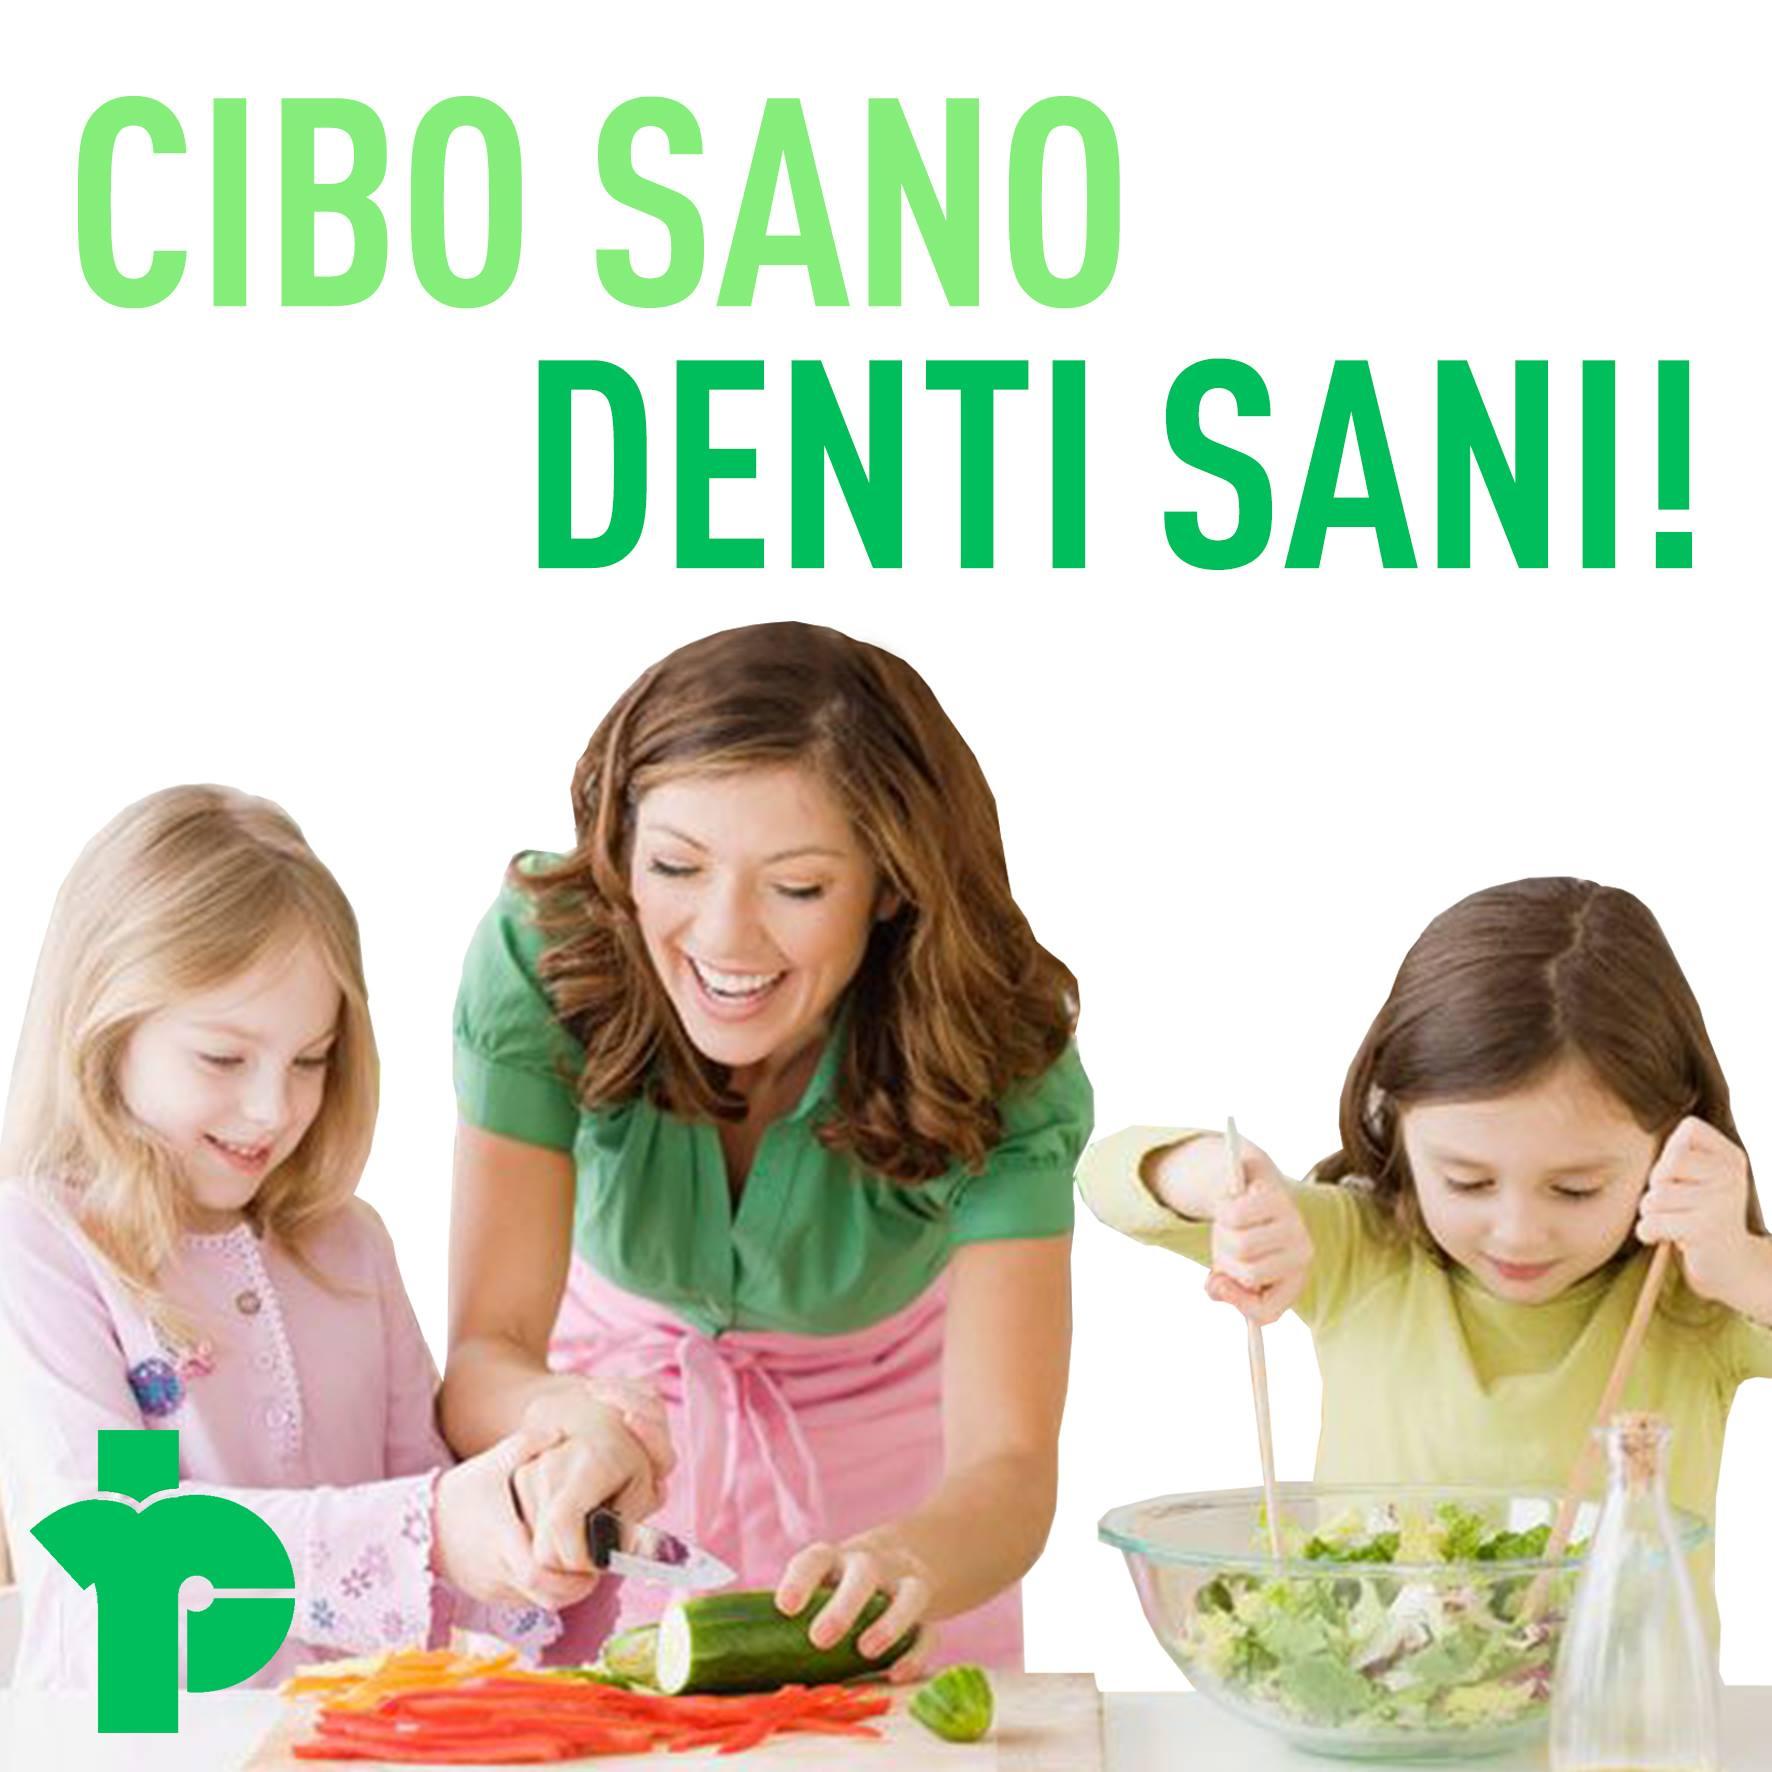 CIBO SANO, DENTI SANI!